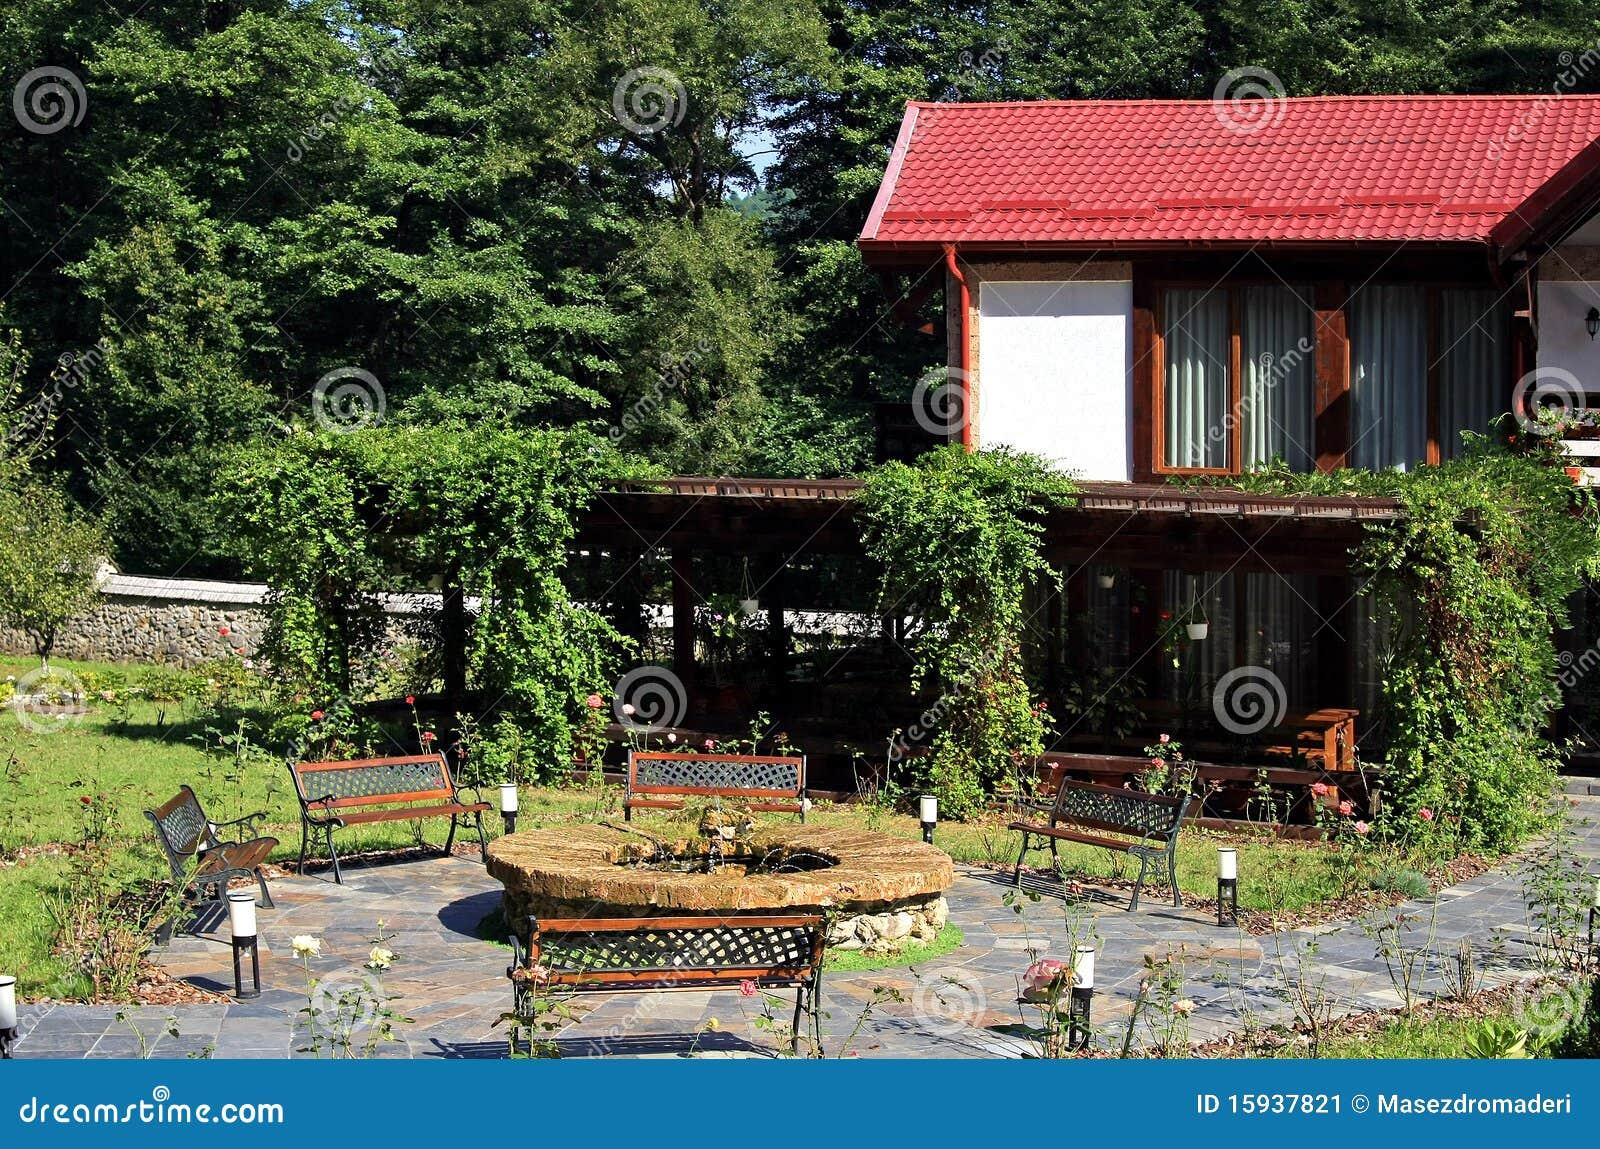 jardim quintal grande : jardim quintal grande:Jardim grande com bancos, fonte e lotes do verde.